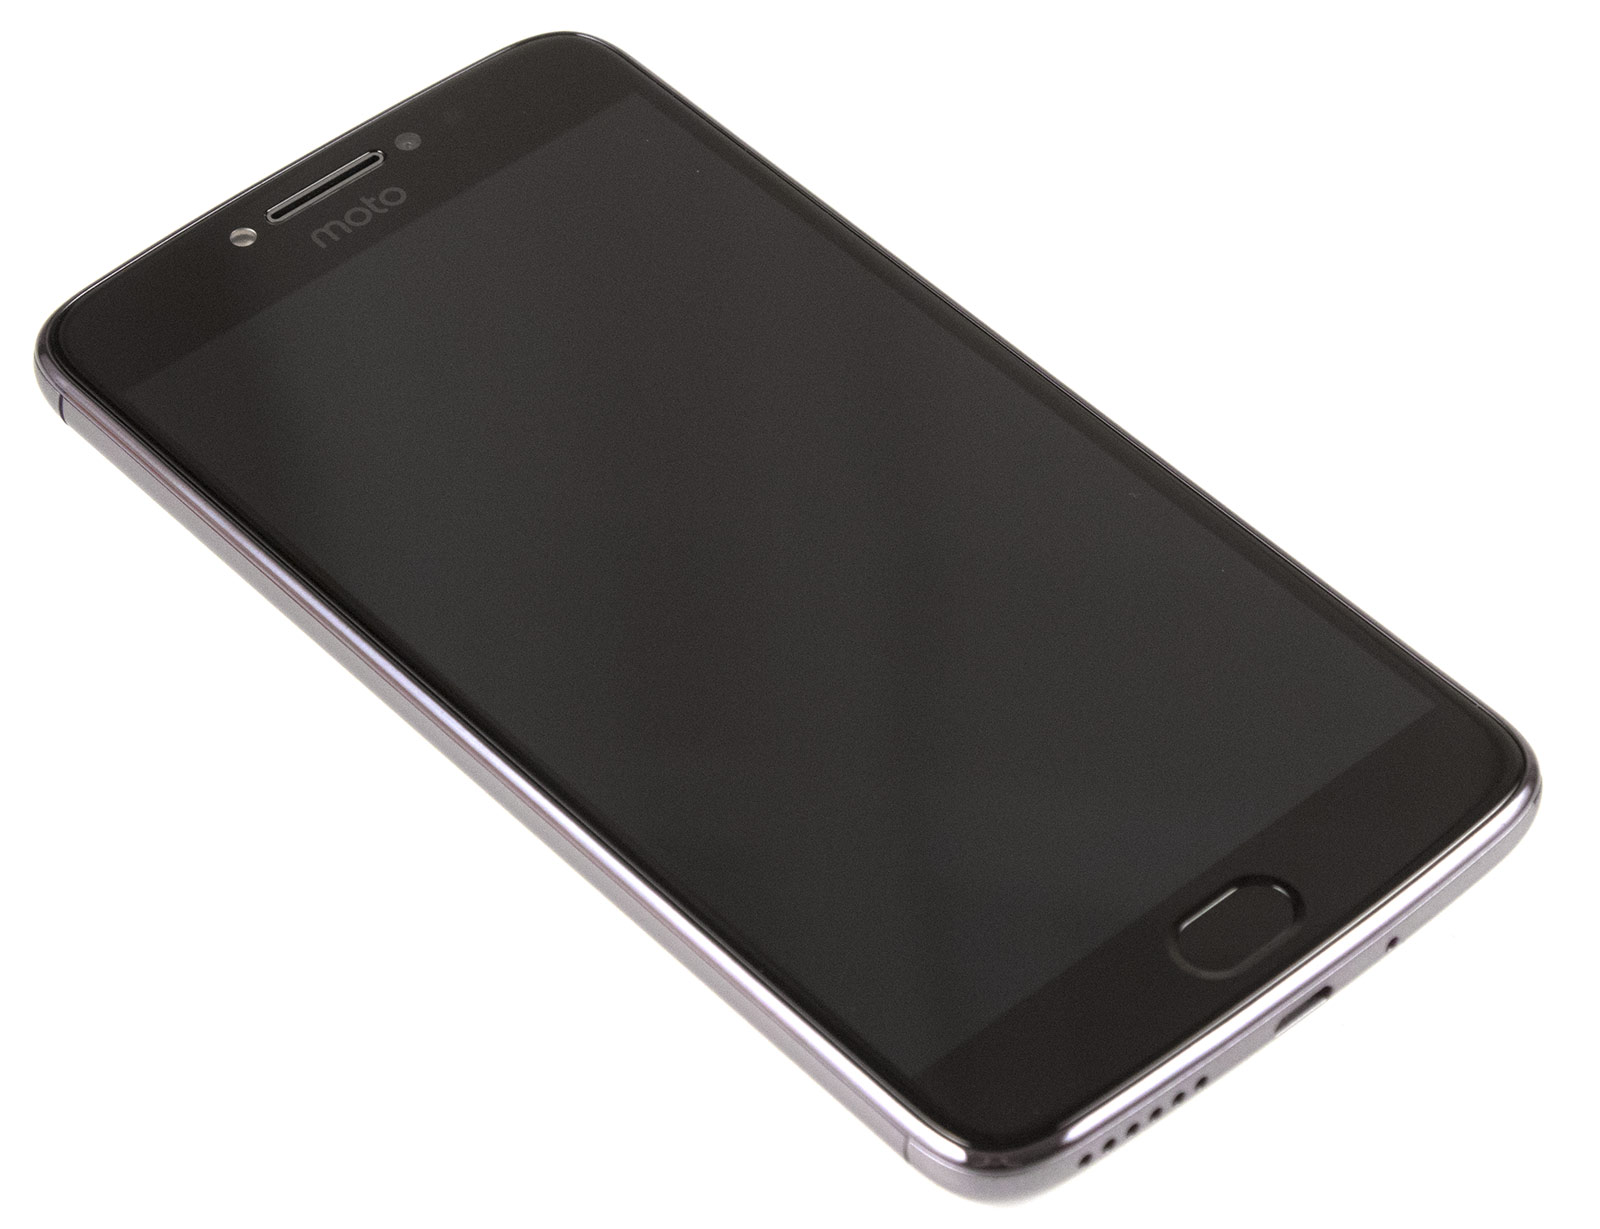 Обзор смартфона Moto E Plus: 5000 мАч в тонком корпусе - 4